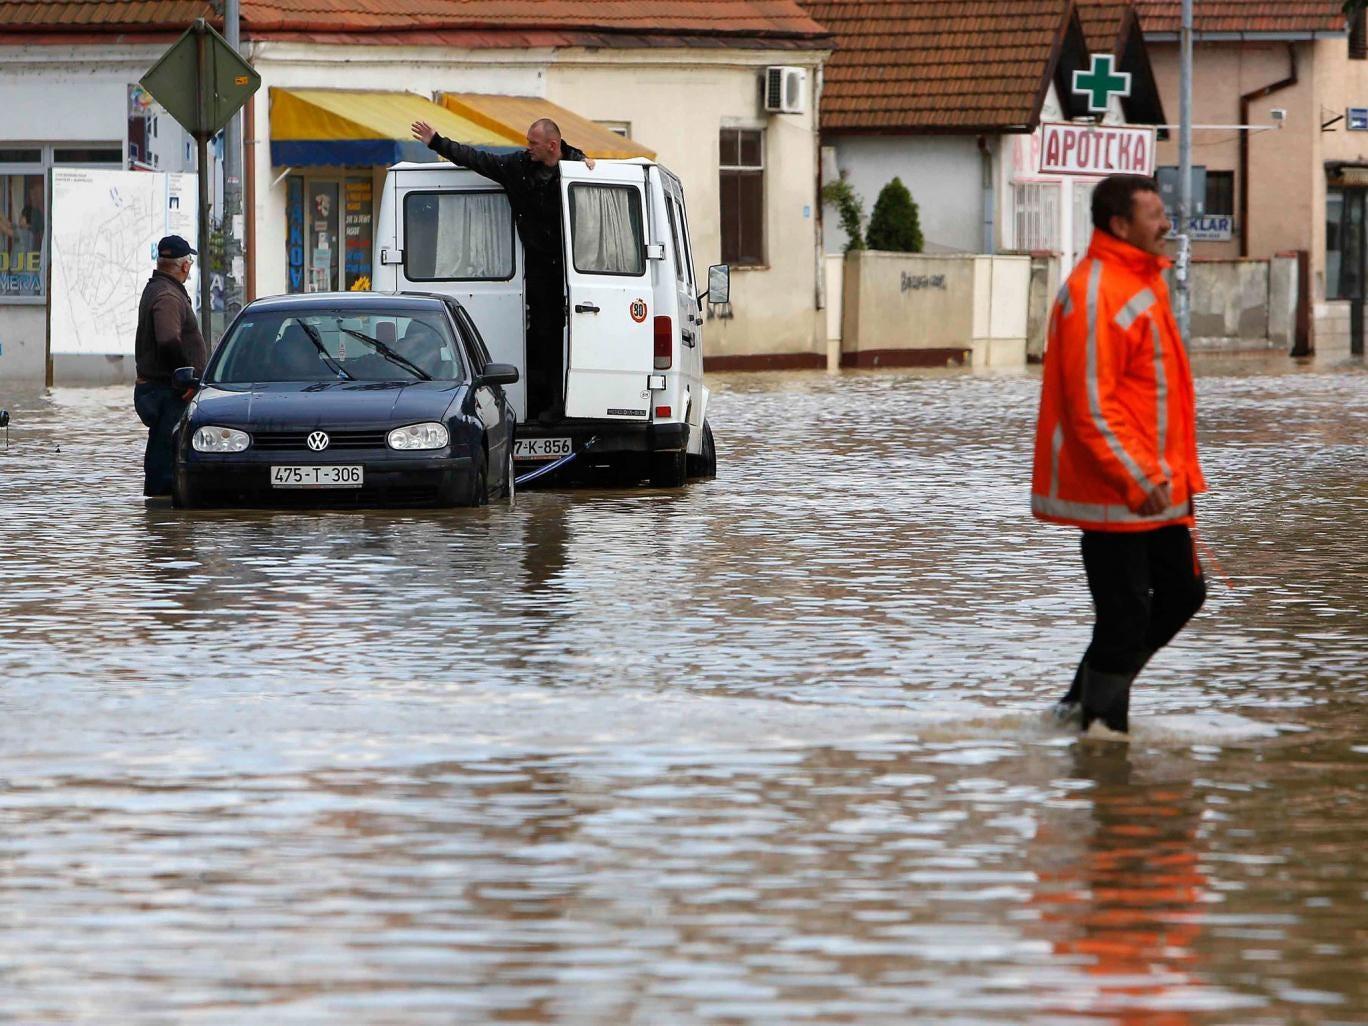 A Bosnian man walks in a flooded street in the Eastern-Bosnian town of Bijeljina